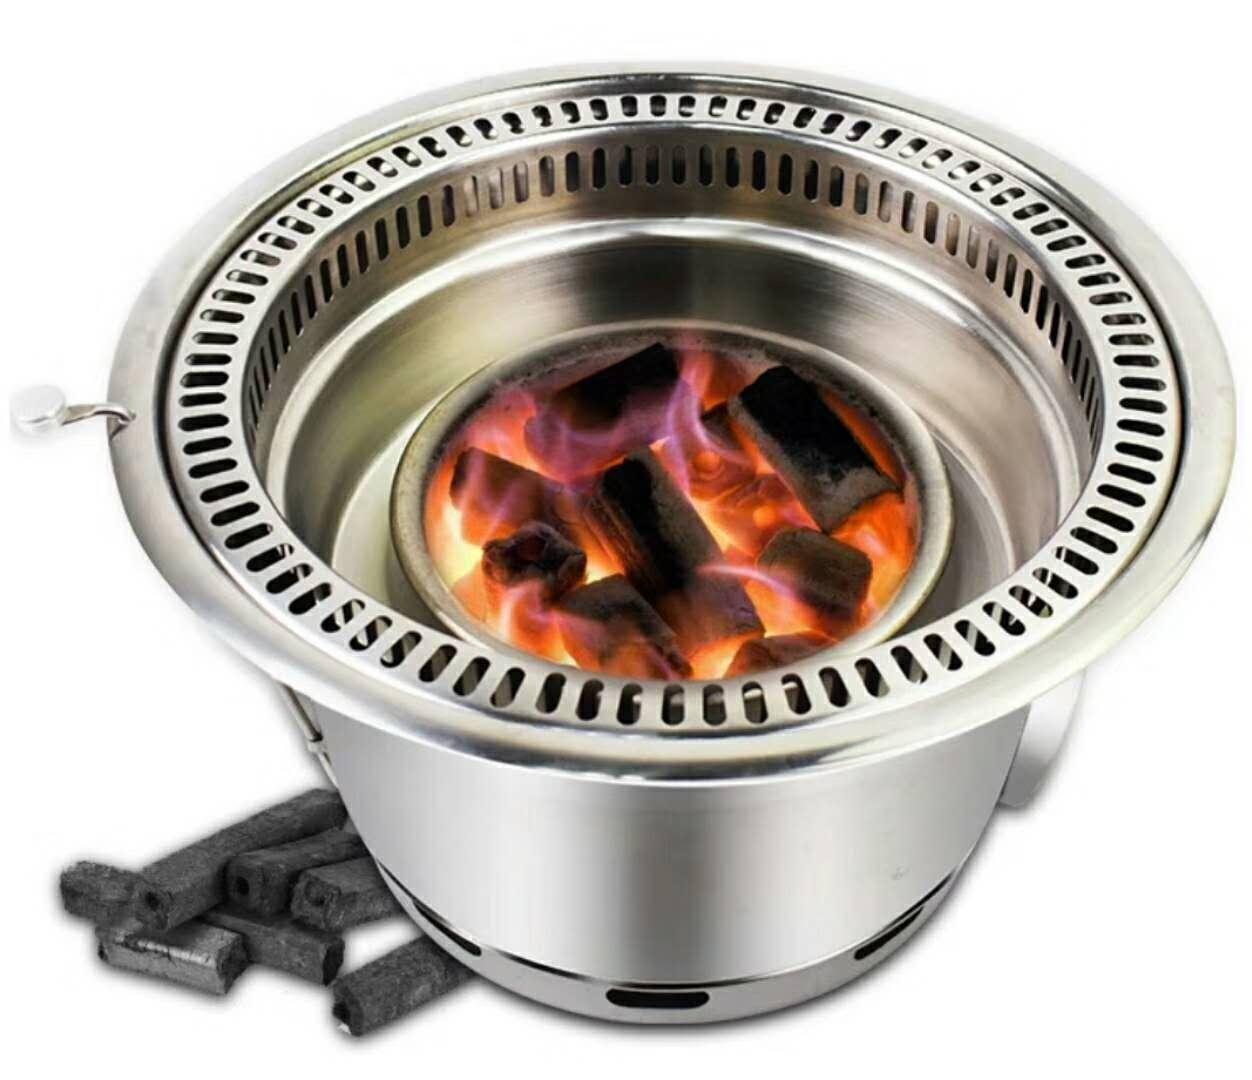 昆明木炭烧烤盆